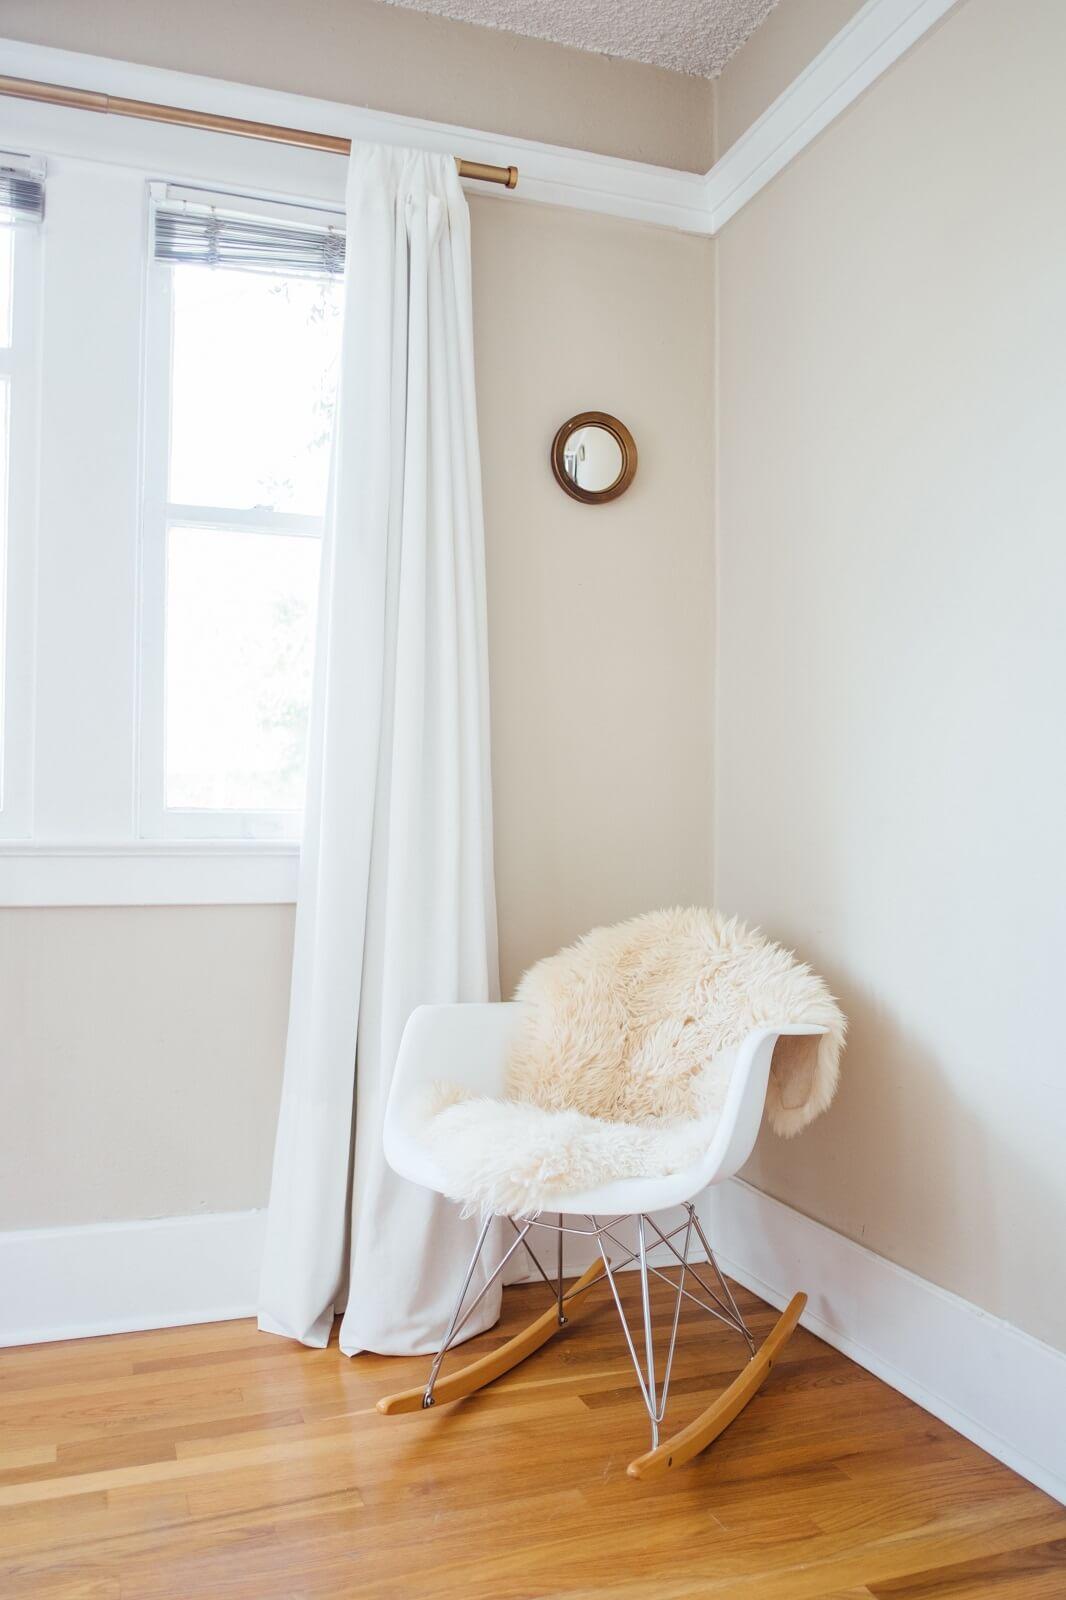 Jak dekorować okna - Karnisz z zasłoną